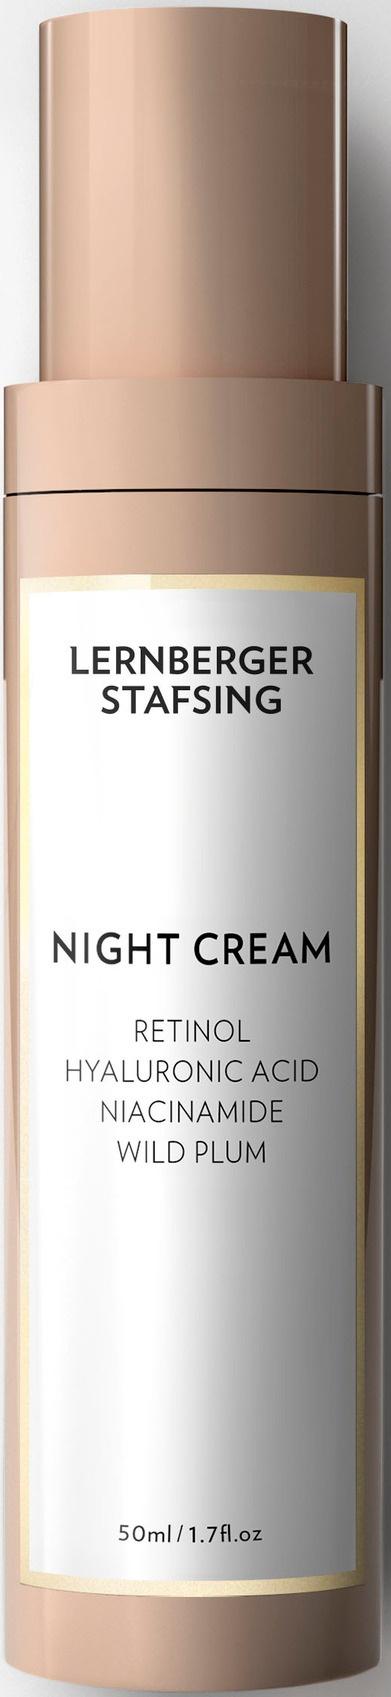 Lernberger Stafsing Night Creme